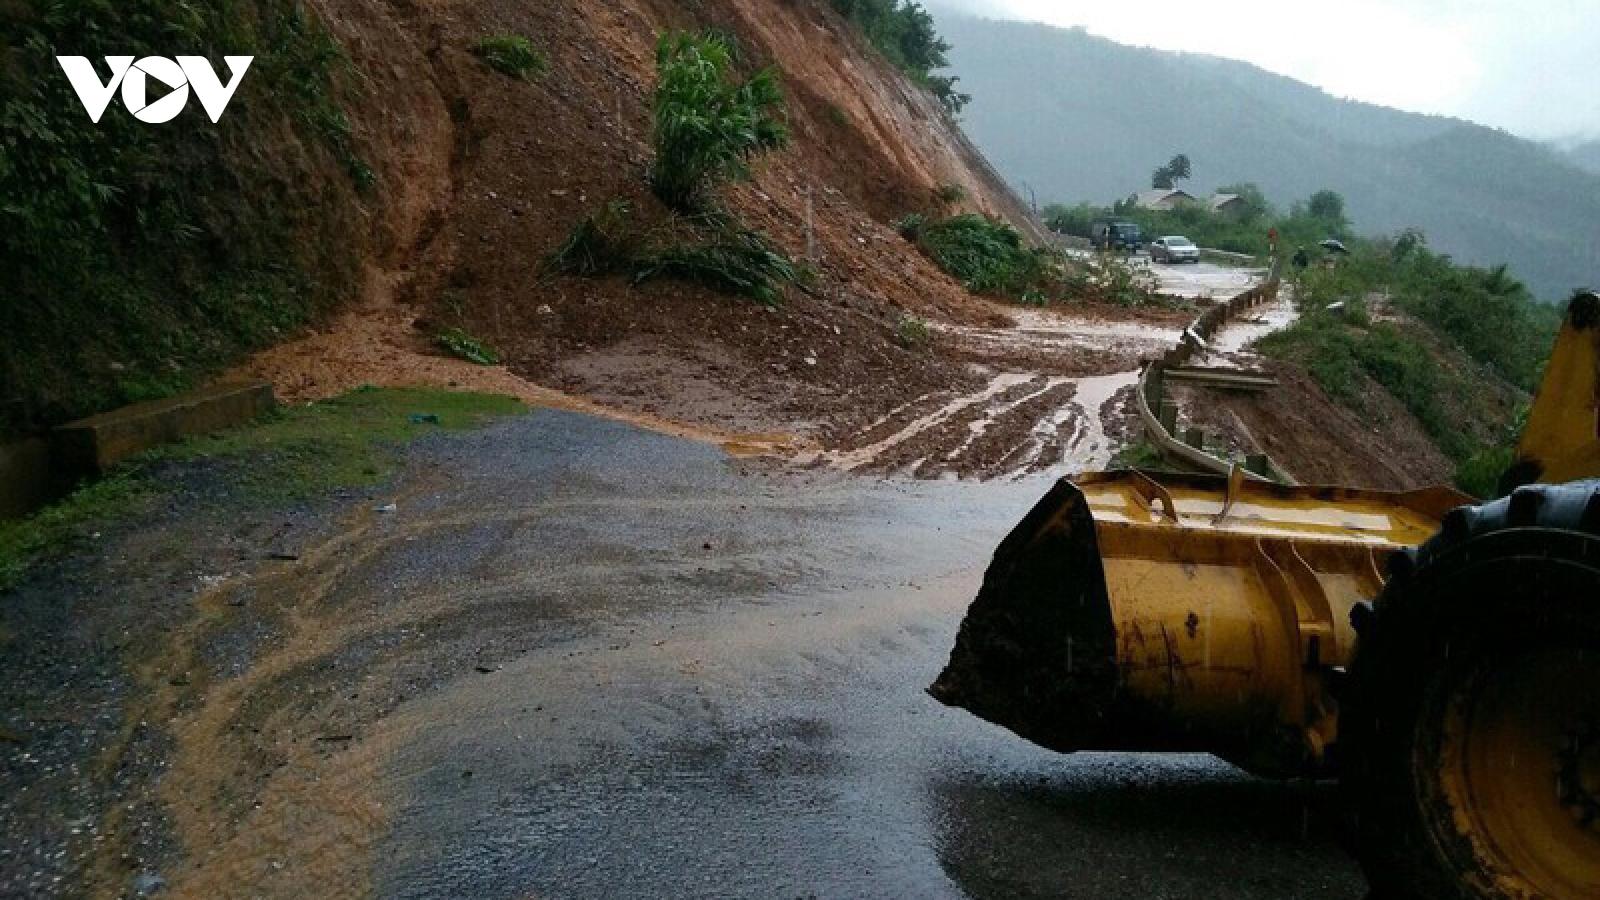 Mưa kéo dài, gây ách tắc tại 11 vị trí trên các tuyến giao thông ở Sơn La